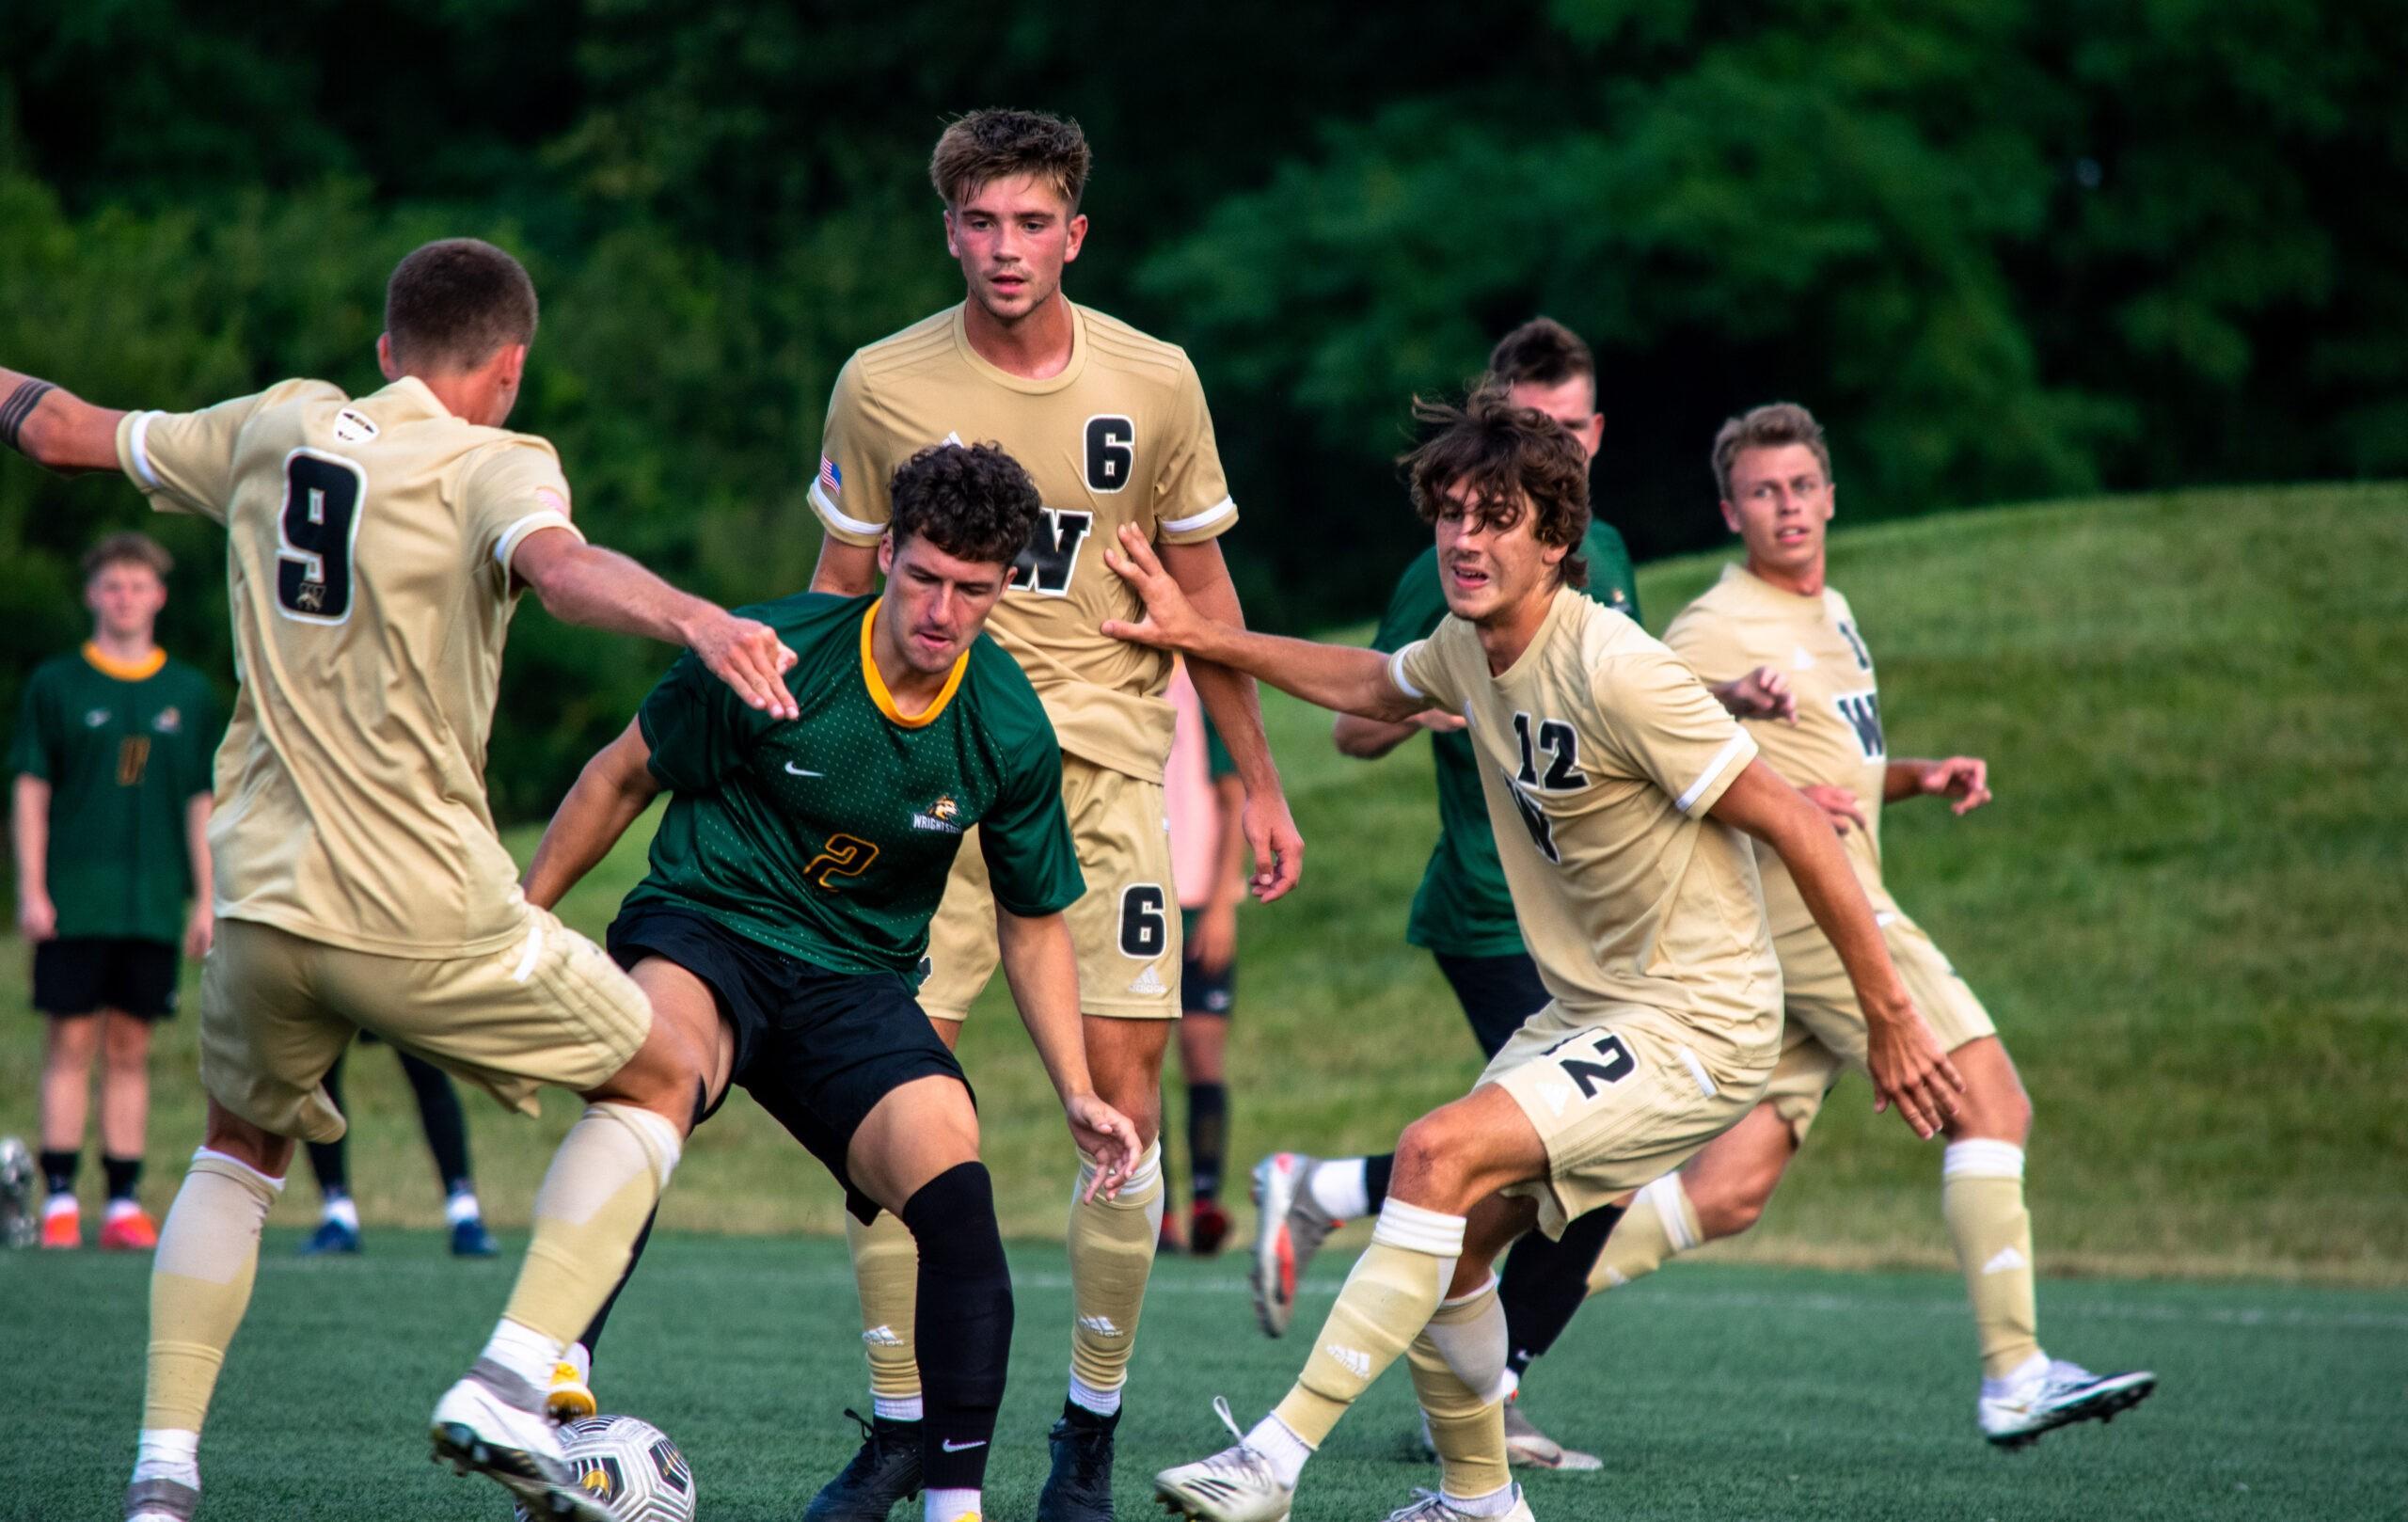 wright state men's soccer team